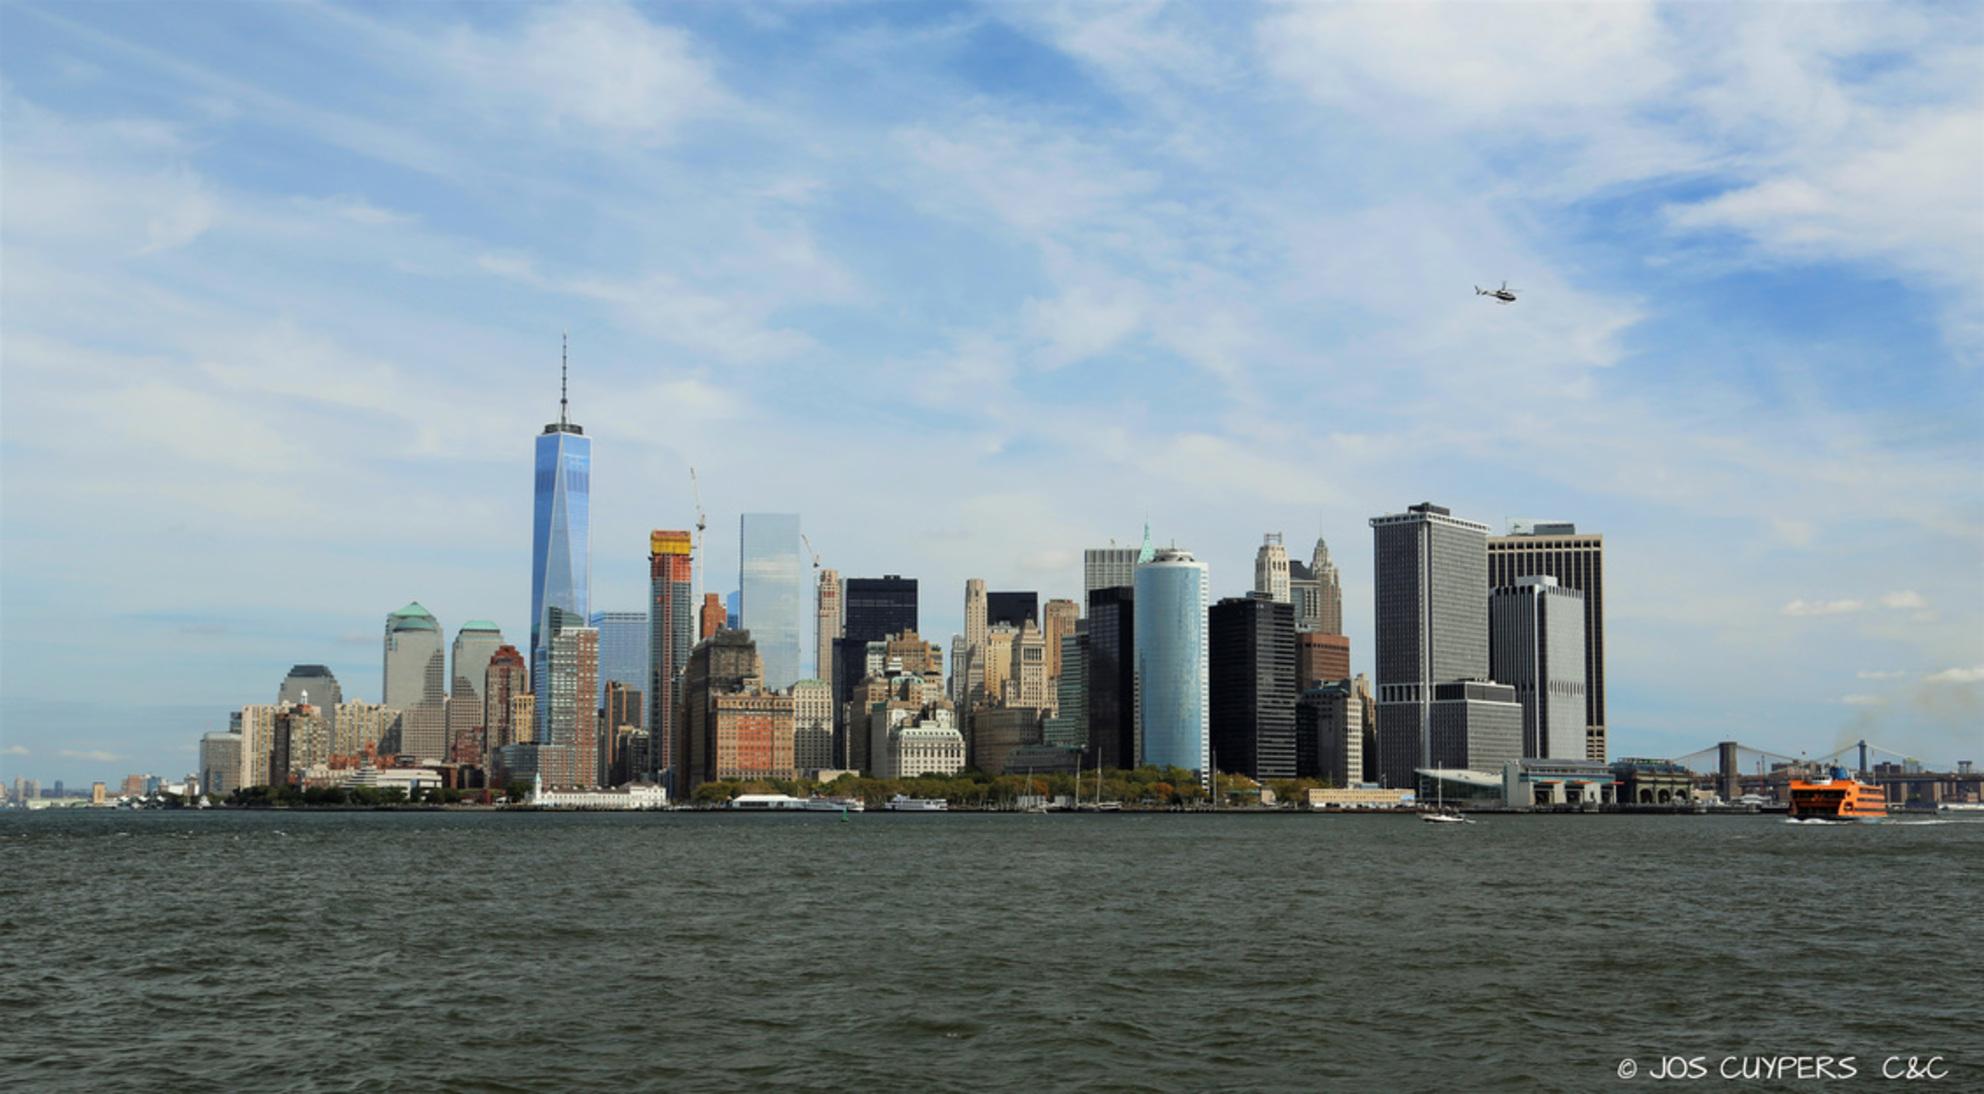 _T5B9719A - De skyline van New York is erg mooi. Ik had geluk met mooi licht en een goed standpunt op de boot. - foto door ccphotography op 11-10-2015 - deze foto bevat: skyline, hudson, New York, hudson river - Deze foto mag gebruikt worden in een Zoom.nl publicatie